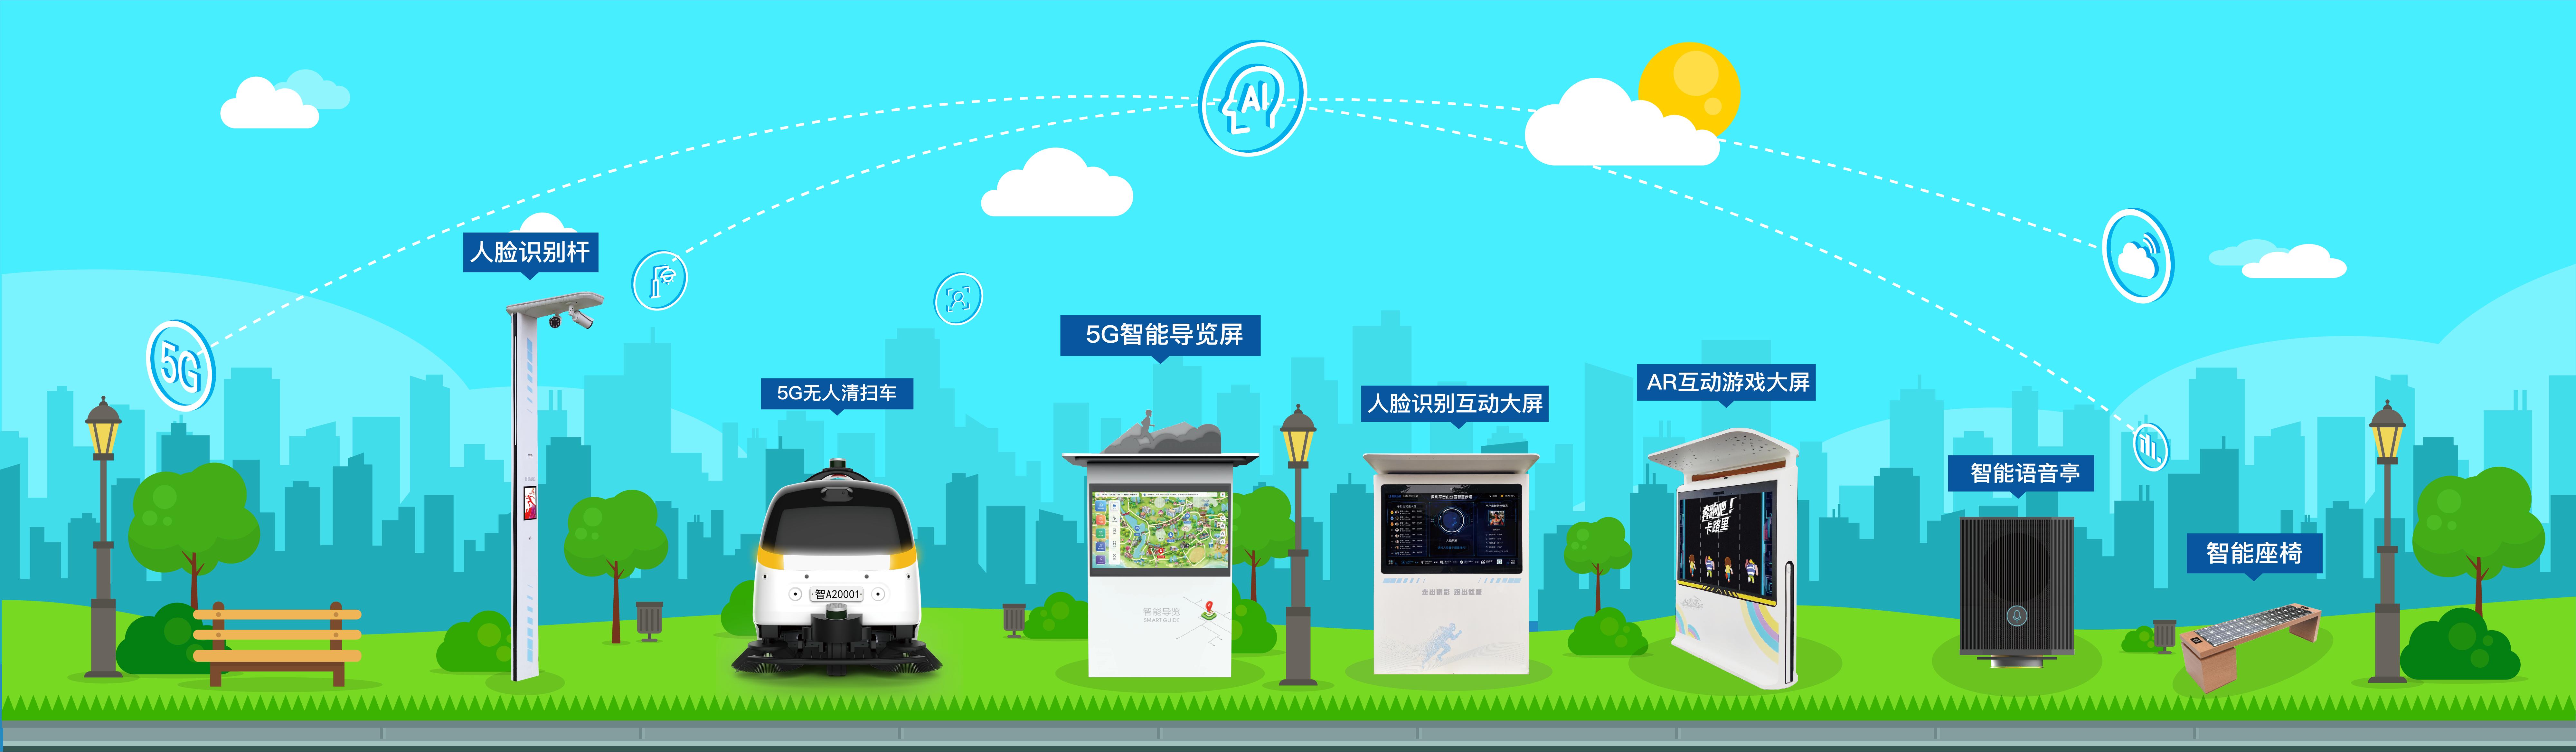 智慧服务-智慧服务设施-智慧服务解决方案-城基生态智慧公园